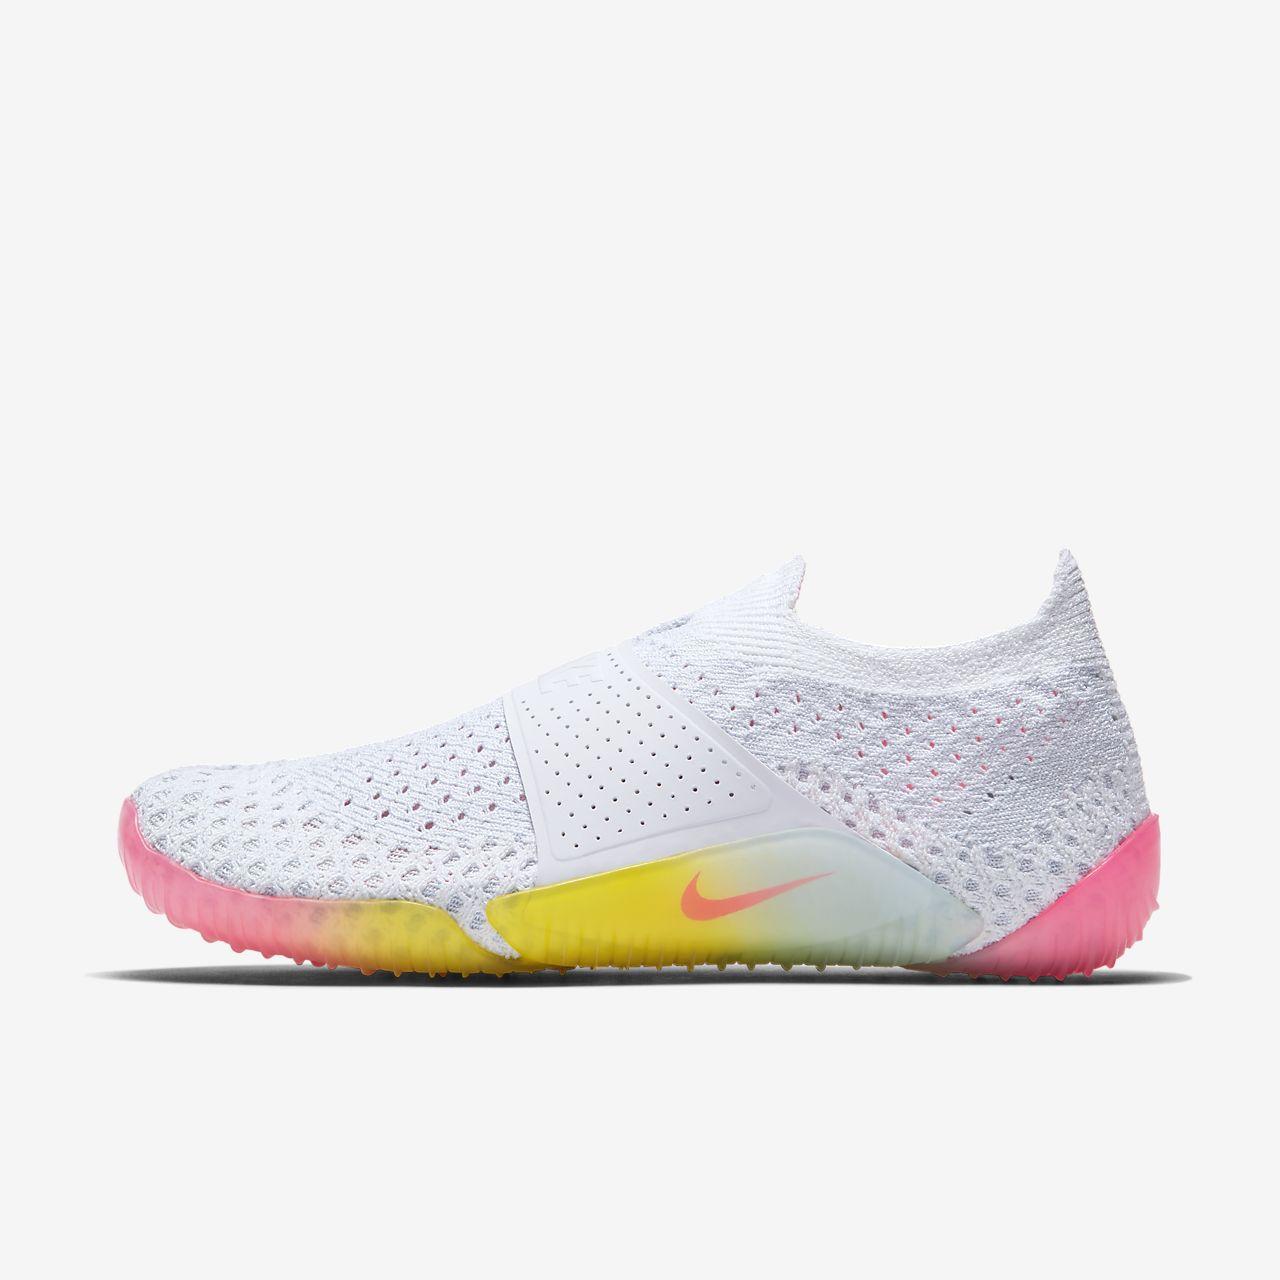 รองเท้าผู้หญิง NikeLab City Knife 3 Flyknit